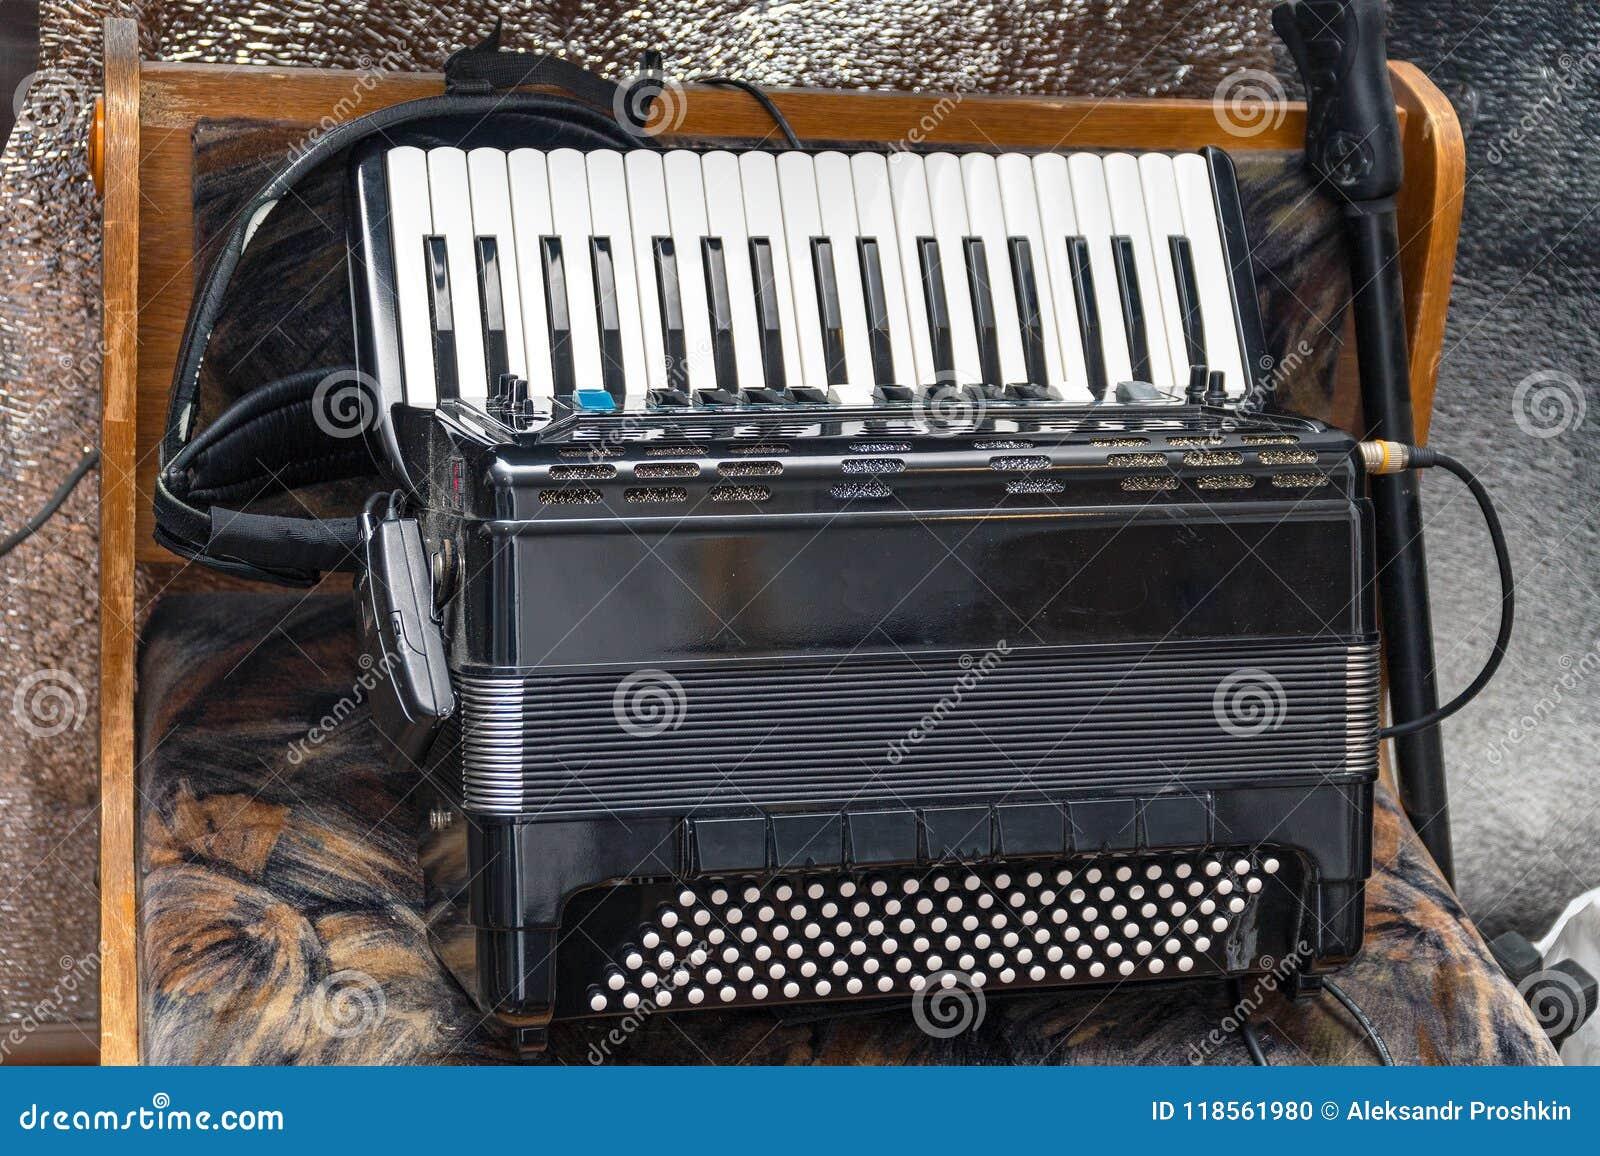 Elektrische harmonika op een natuurlijke achtergrond